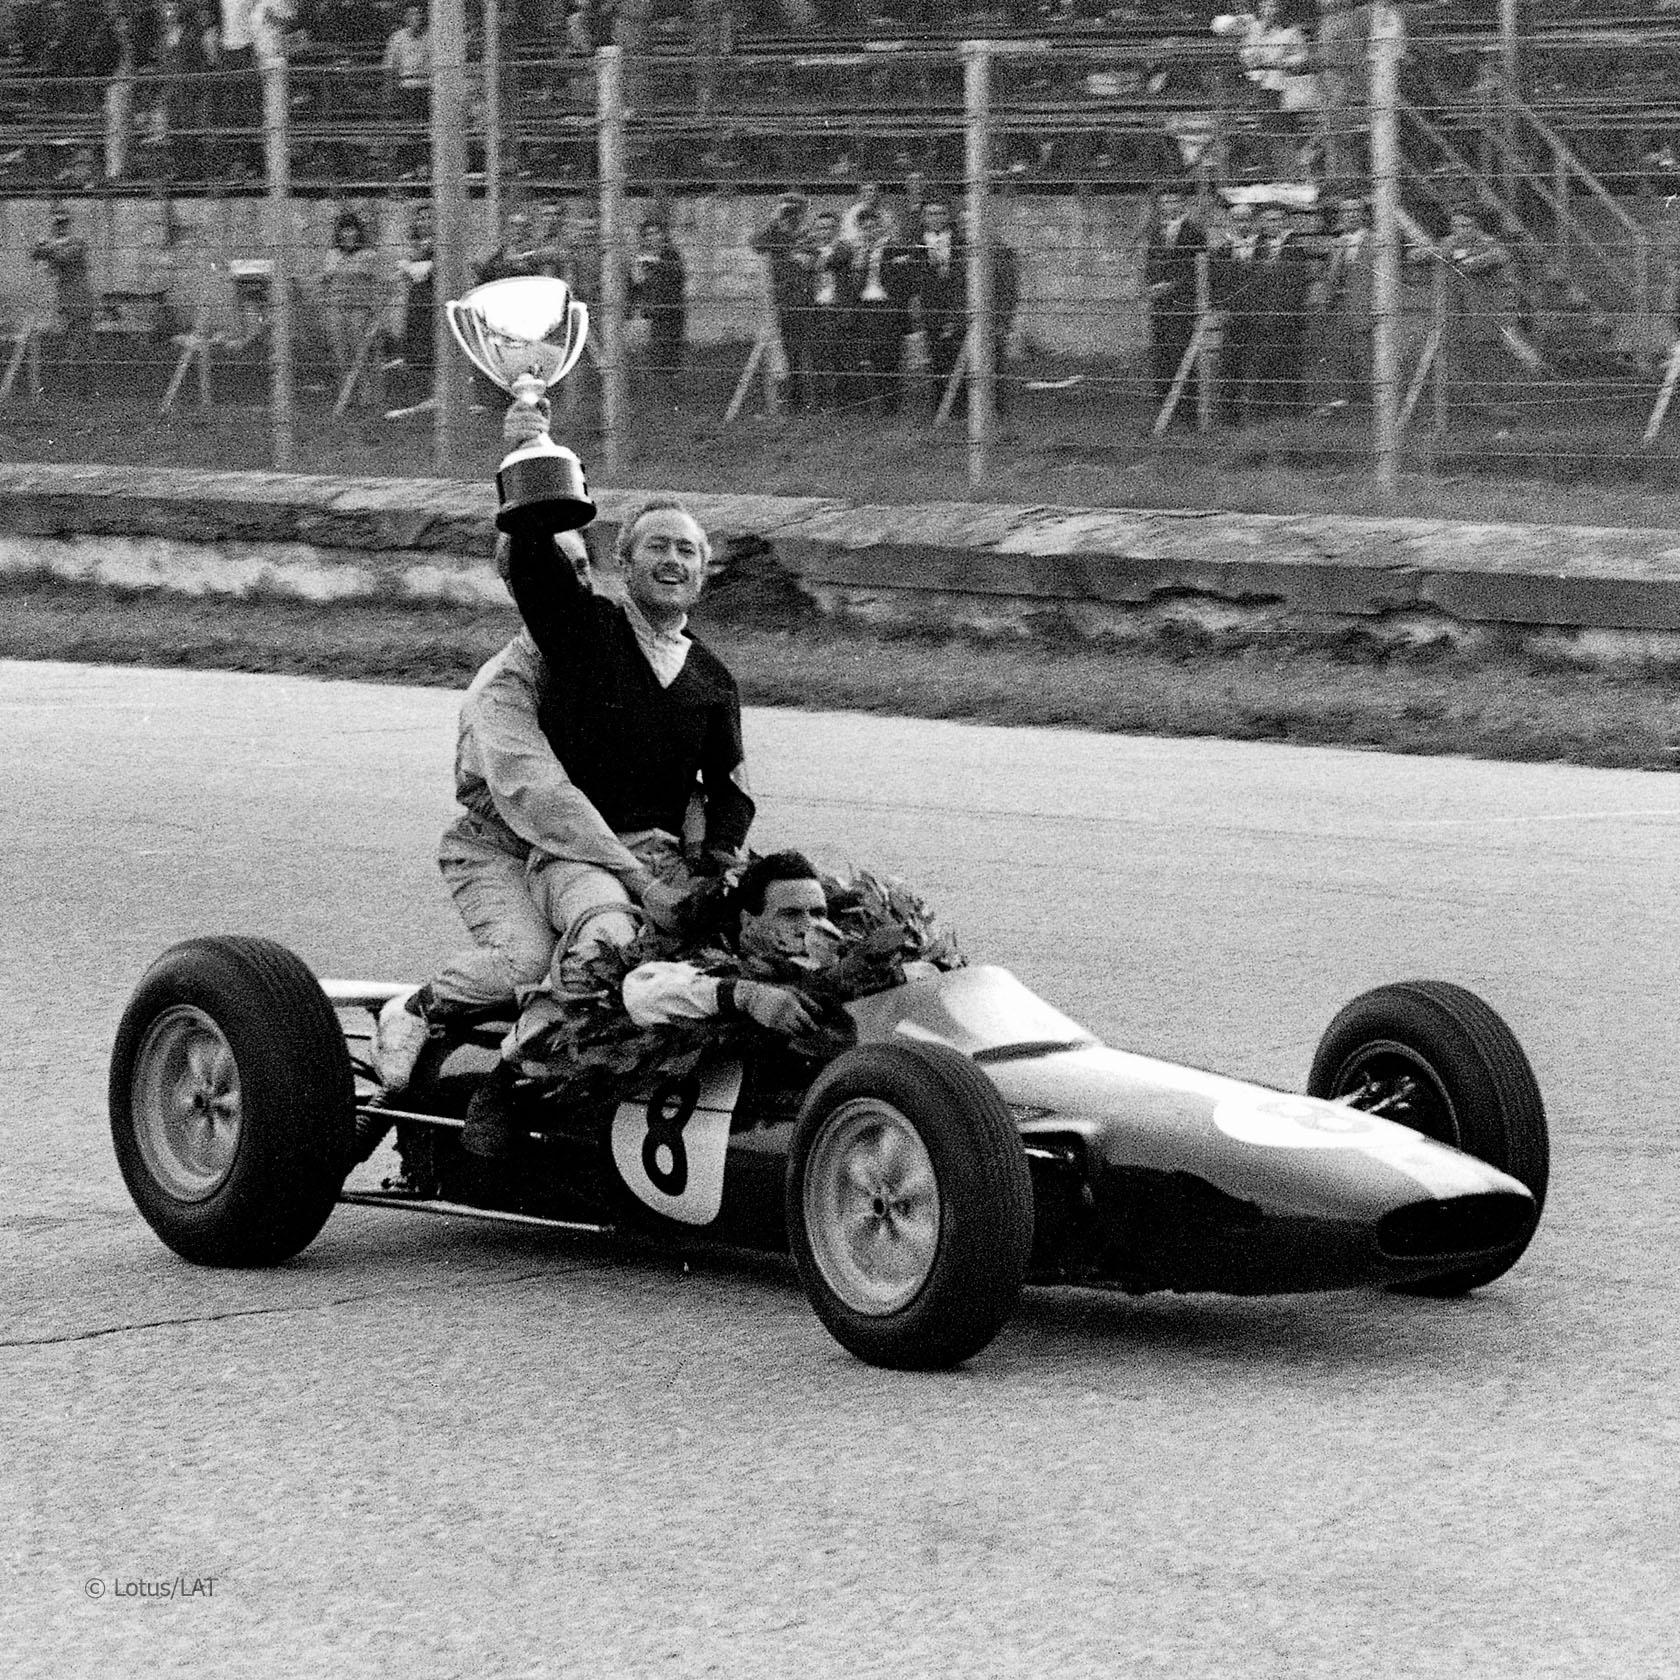 chap-clar-monz-1963